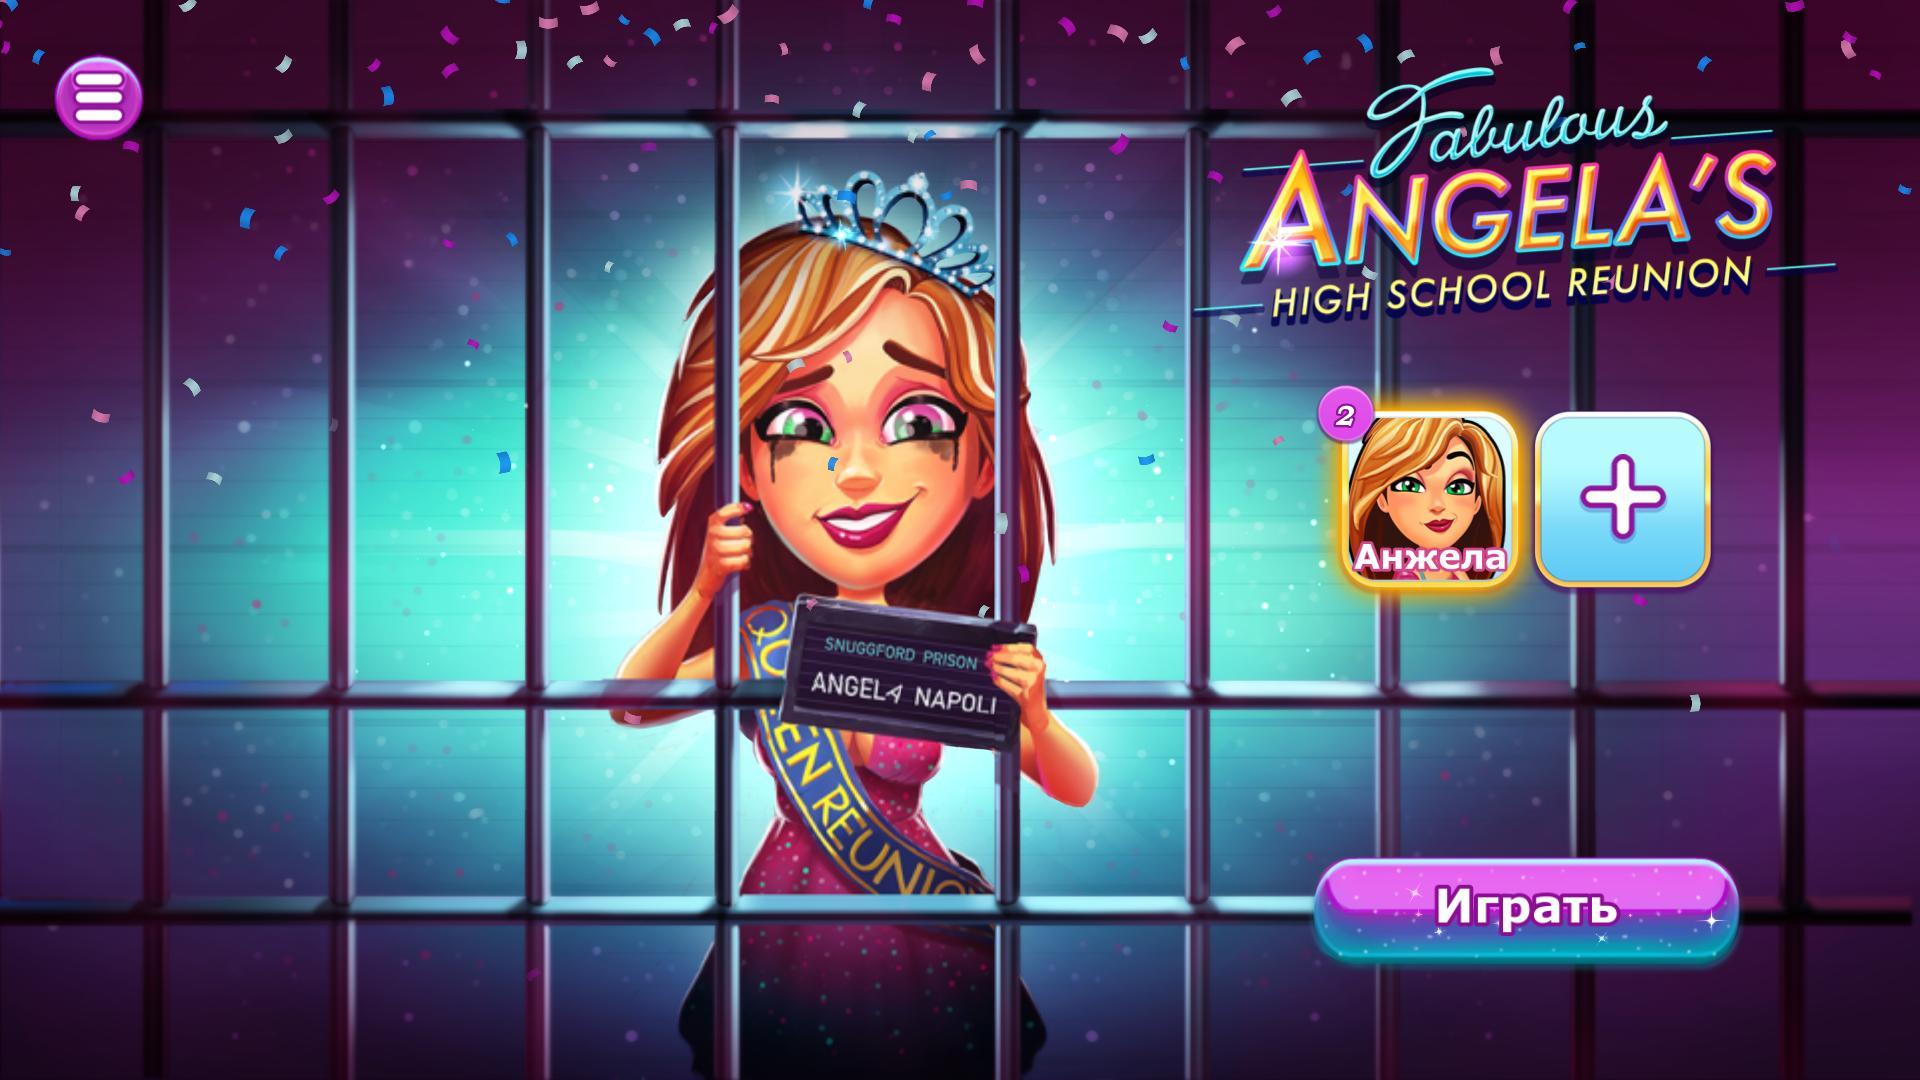 Великолепная Анжела: Встреча выпускников | Fabulous: Angela's High School Reunion (Rus)